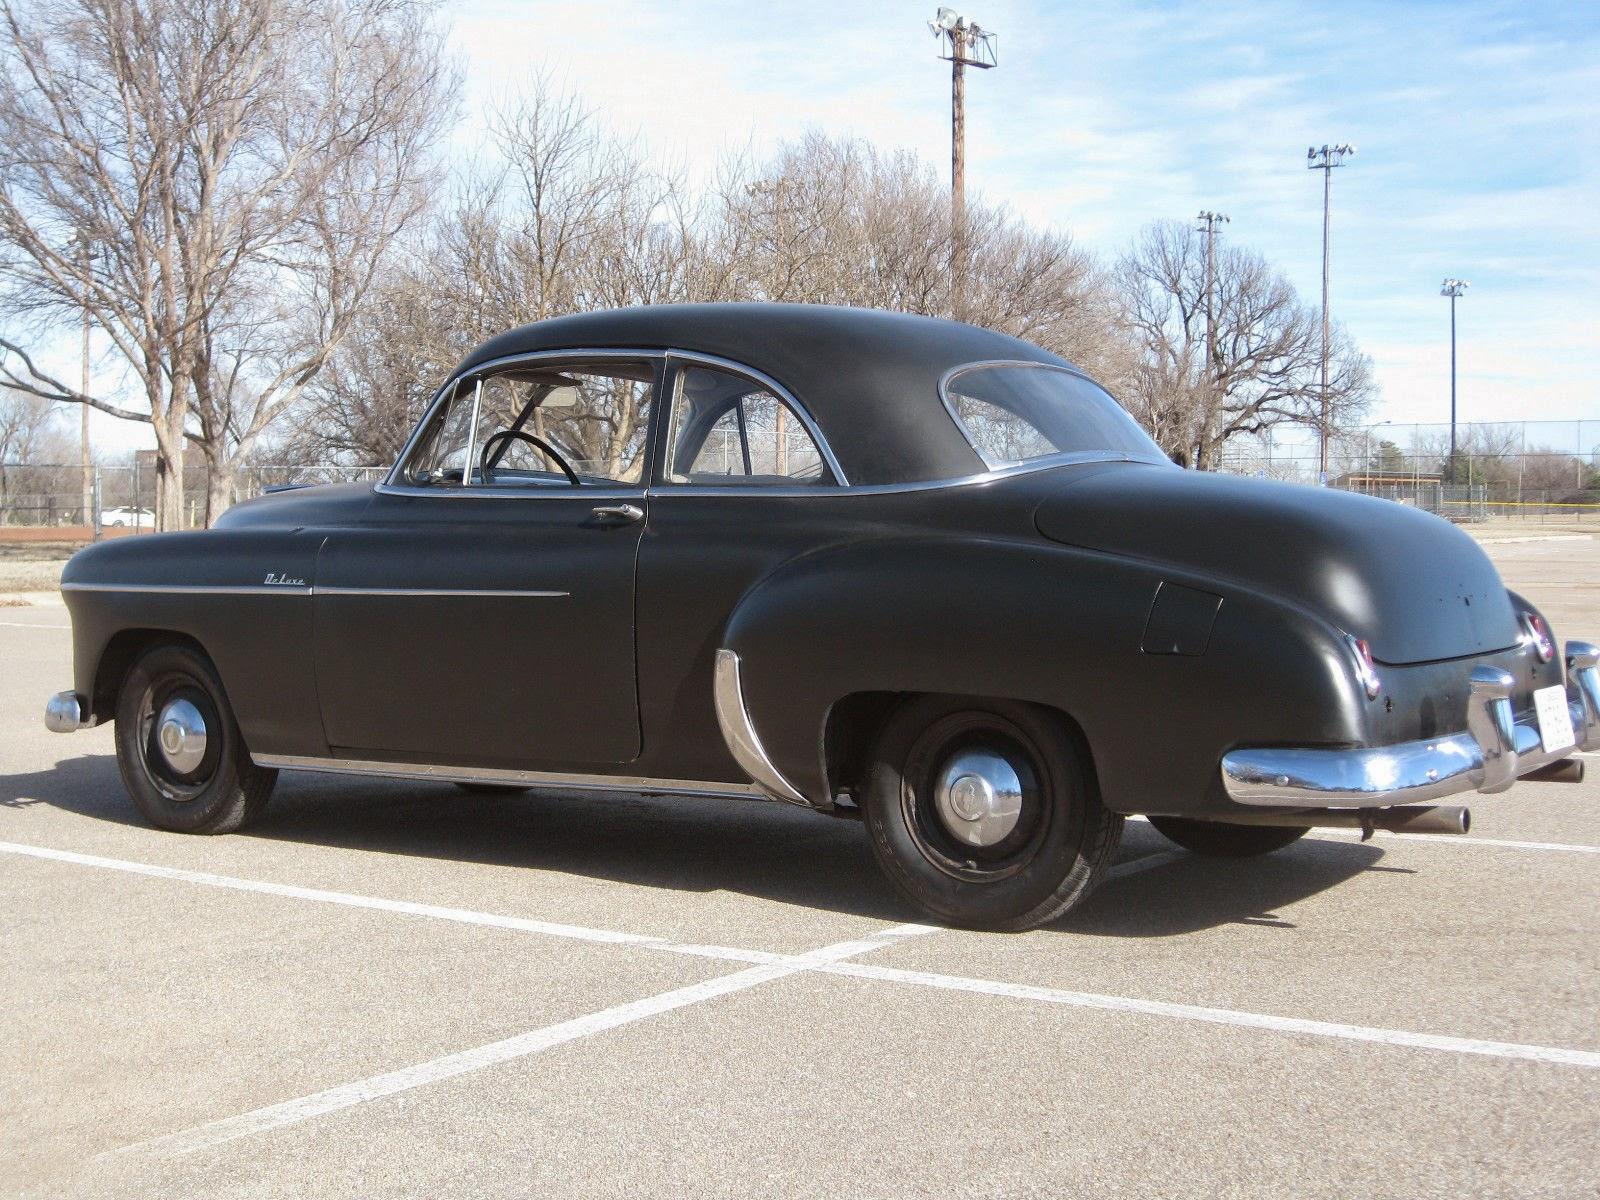 1950 chevy deluxe 2 door autos post for 1950 chevy 2 door sedan